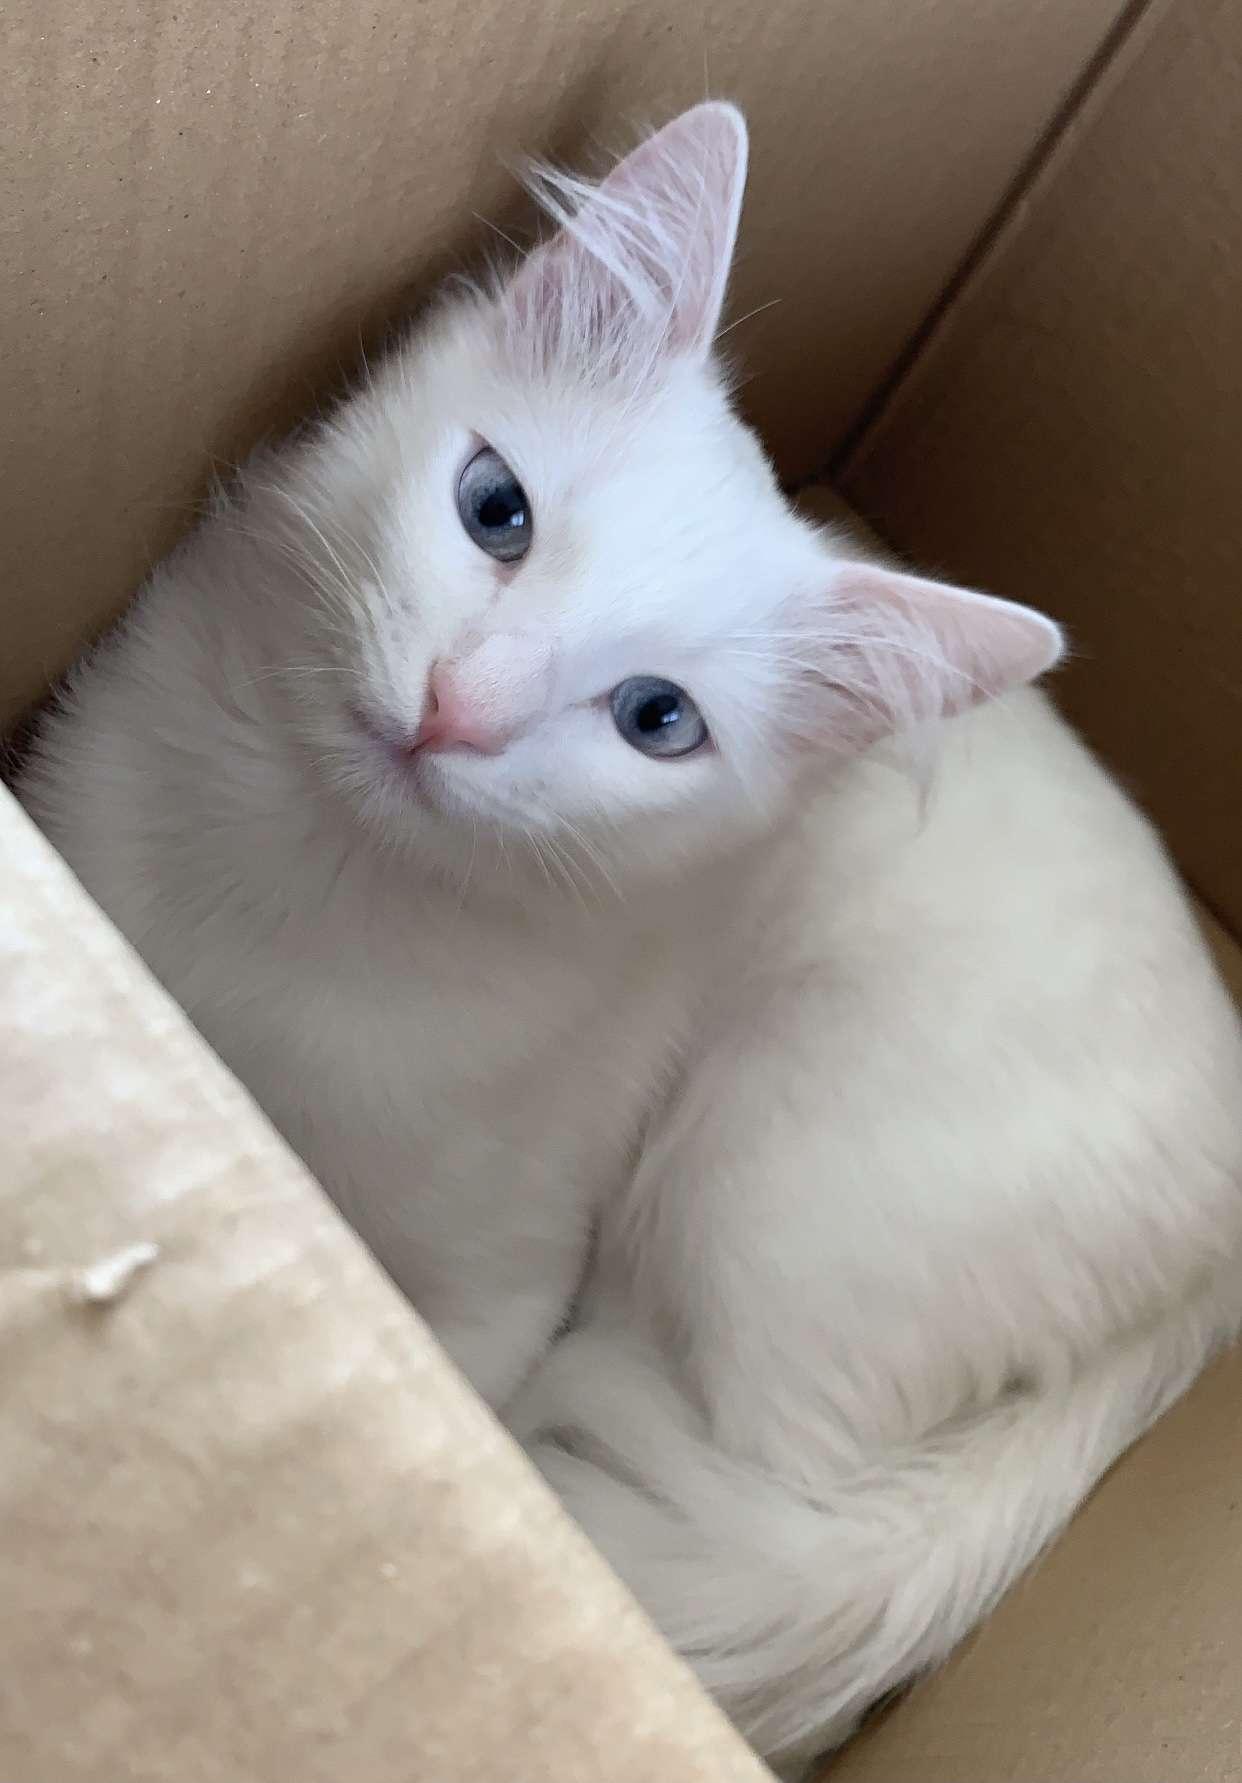 Kağıthane Gürsel mahallesi kayıp kedi